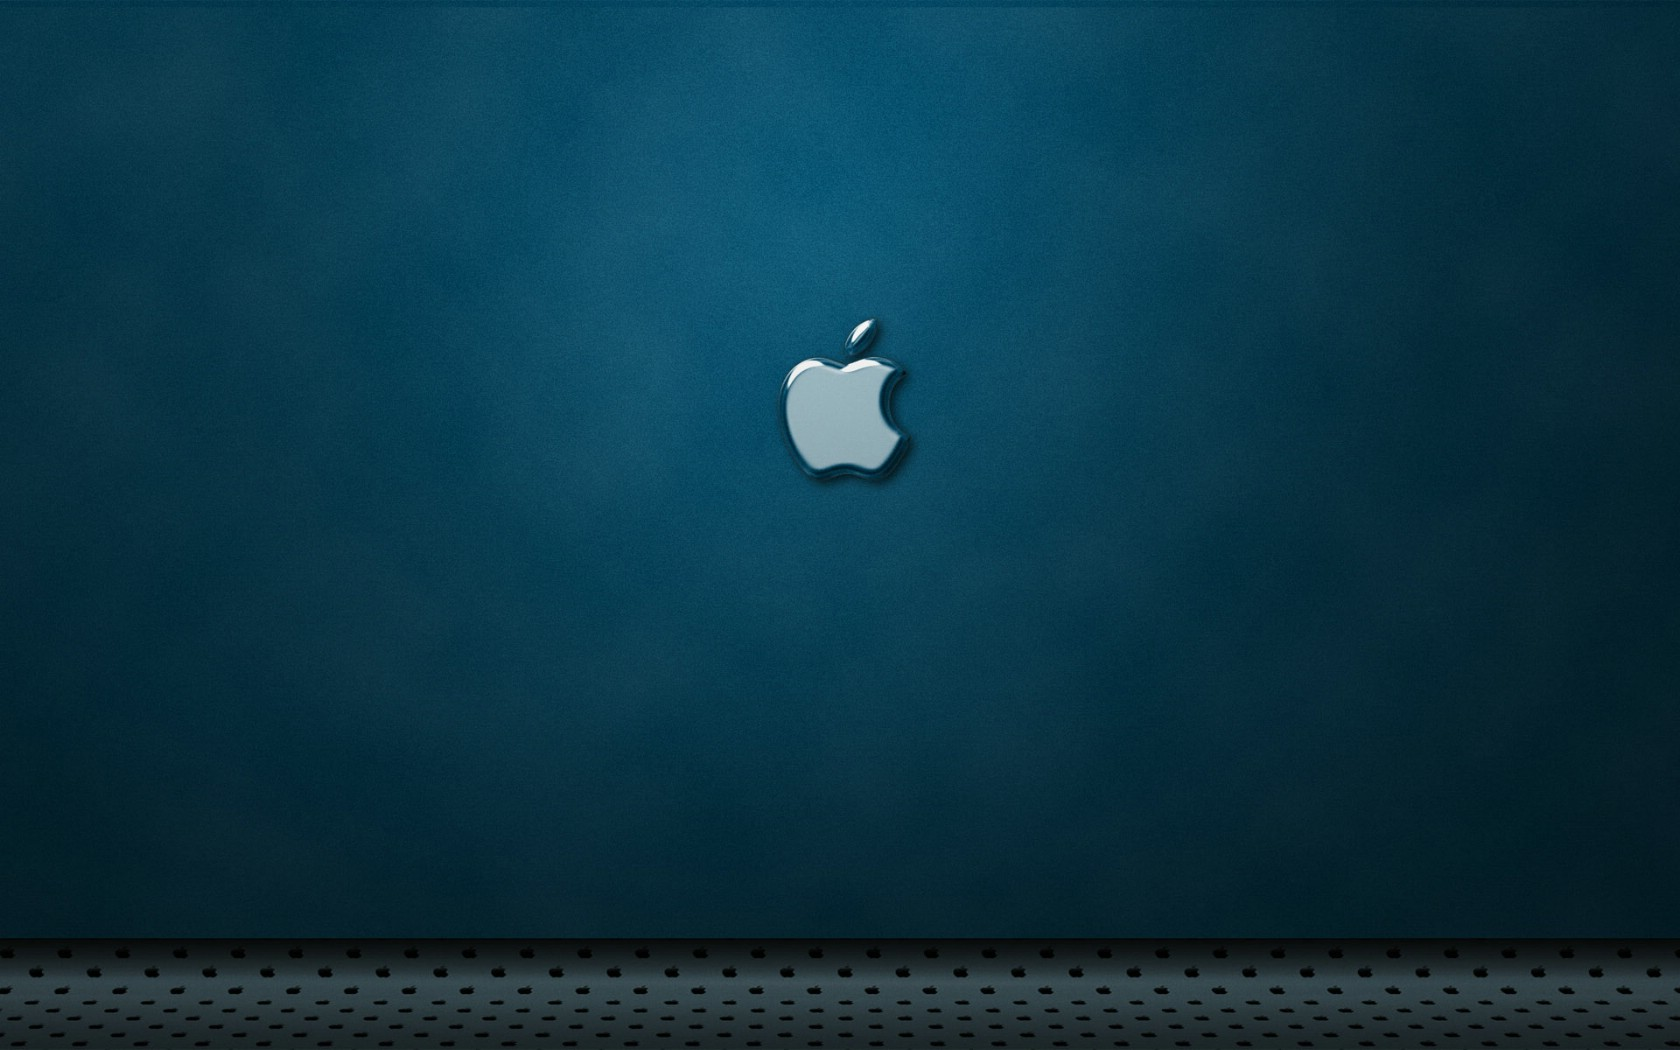 高 清晰 苹果 电脑 桌面 壁纸 壁纸